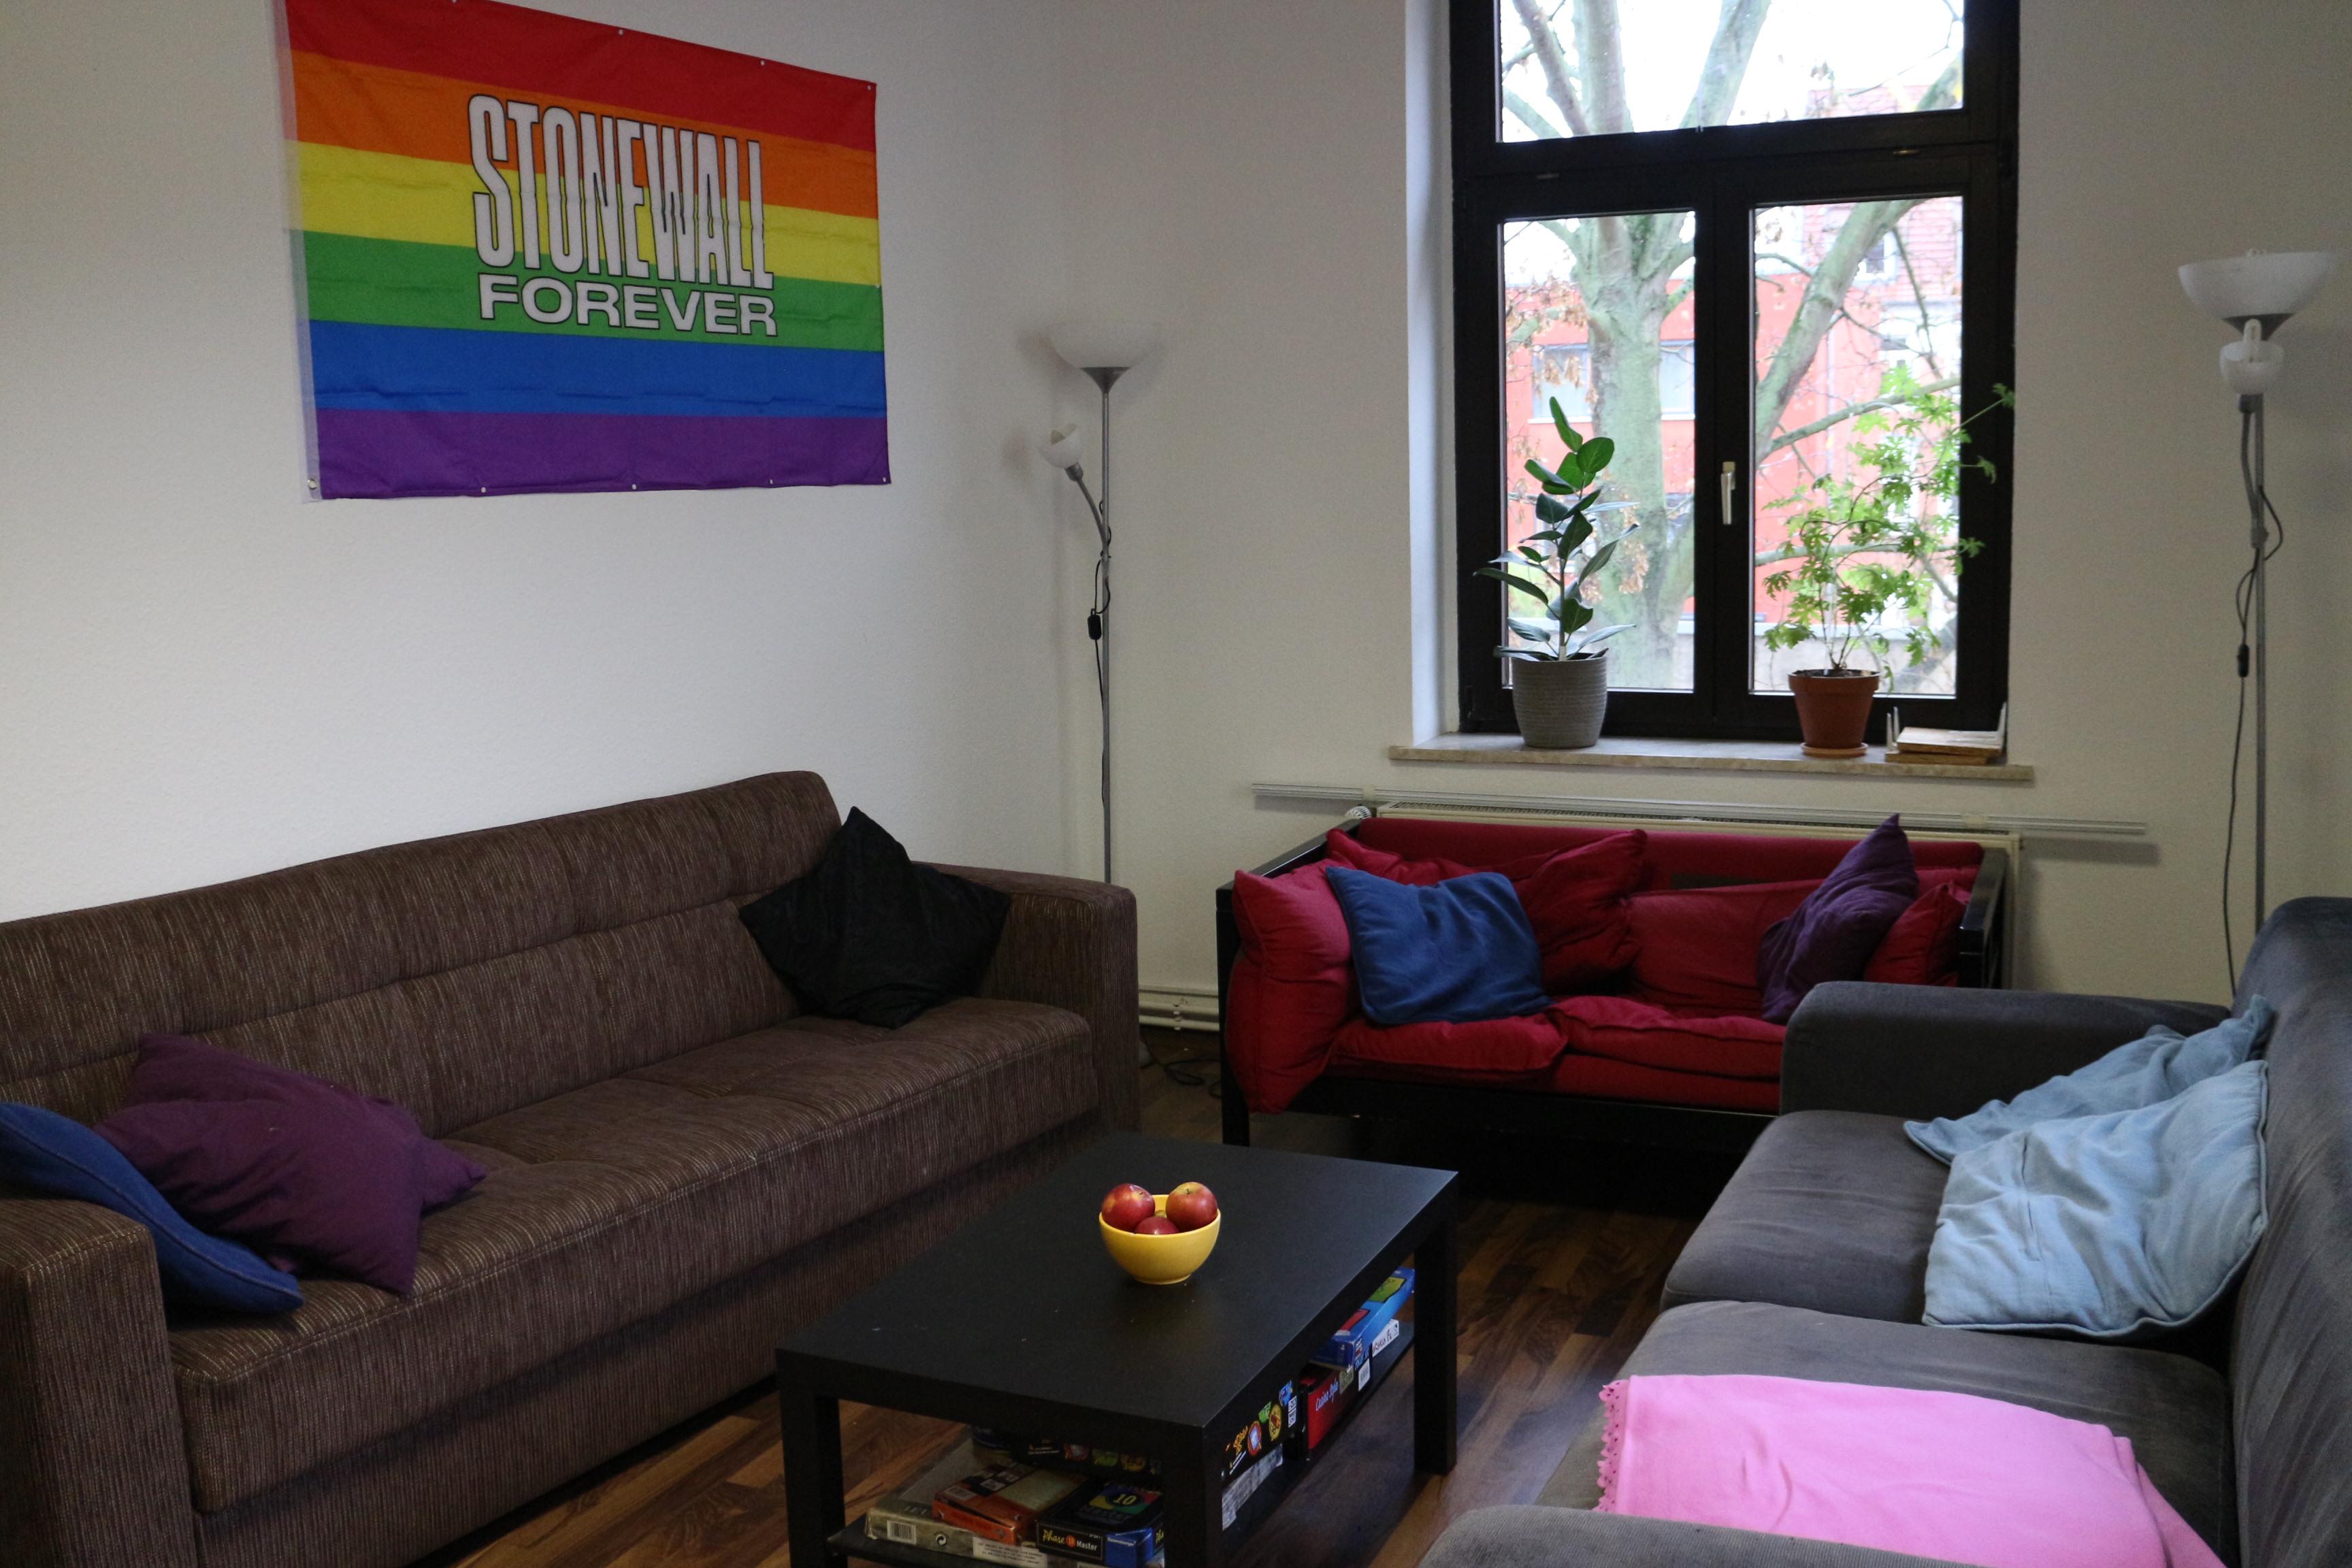 """Das Bild zeigt das Wohnzimmer des Rosalinde Vereins. Im Bild sind ein braunes und ein rotes Sofa, ein kleiner Tisch sowie eine Regenbogen-Flagge mit der Aufschrift """"Stonewall Forever"""" an der Wand."""